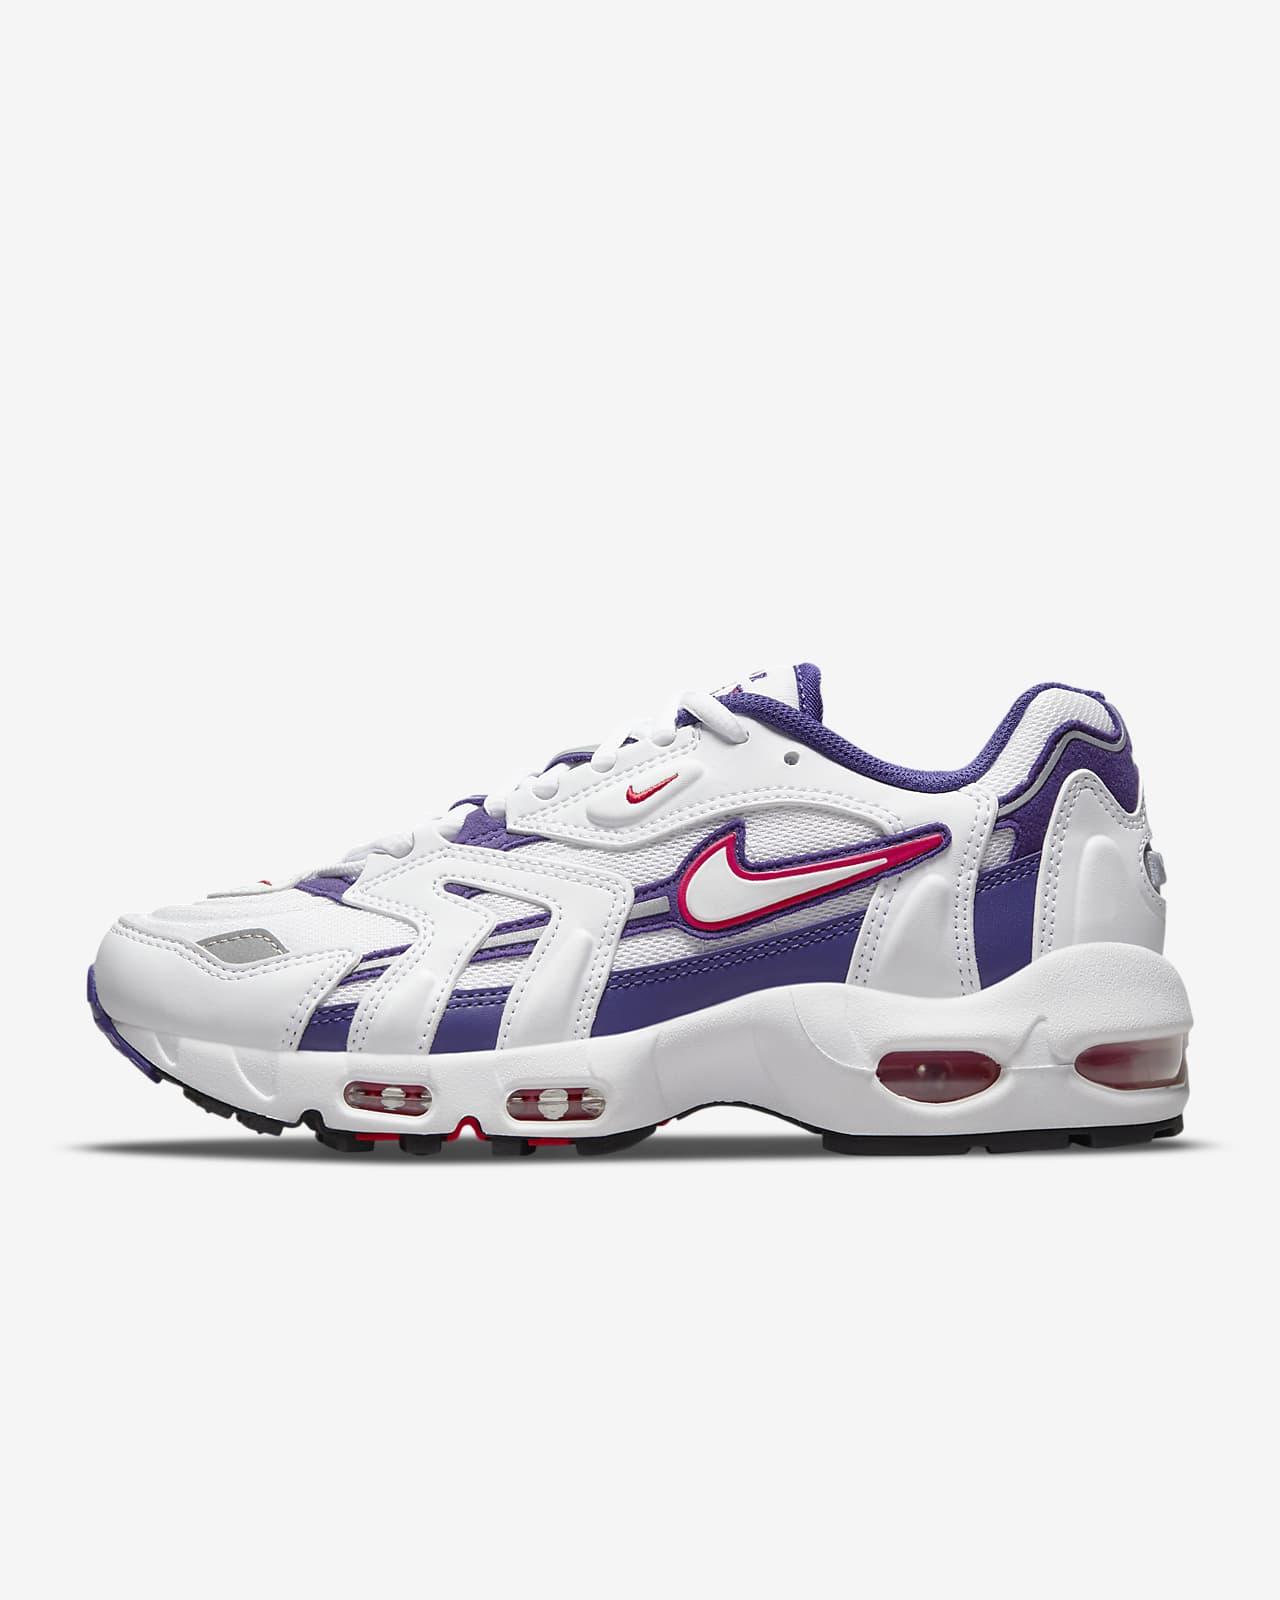 Nike Air Max 96 II Women's Shoe